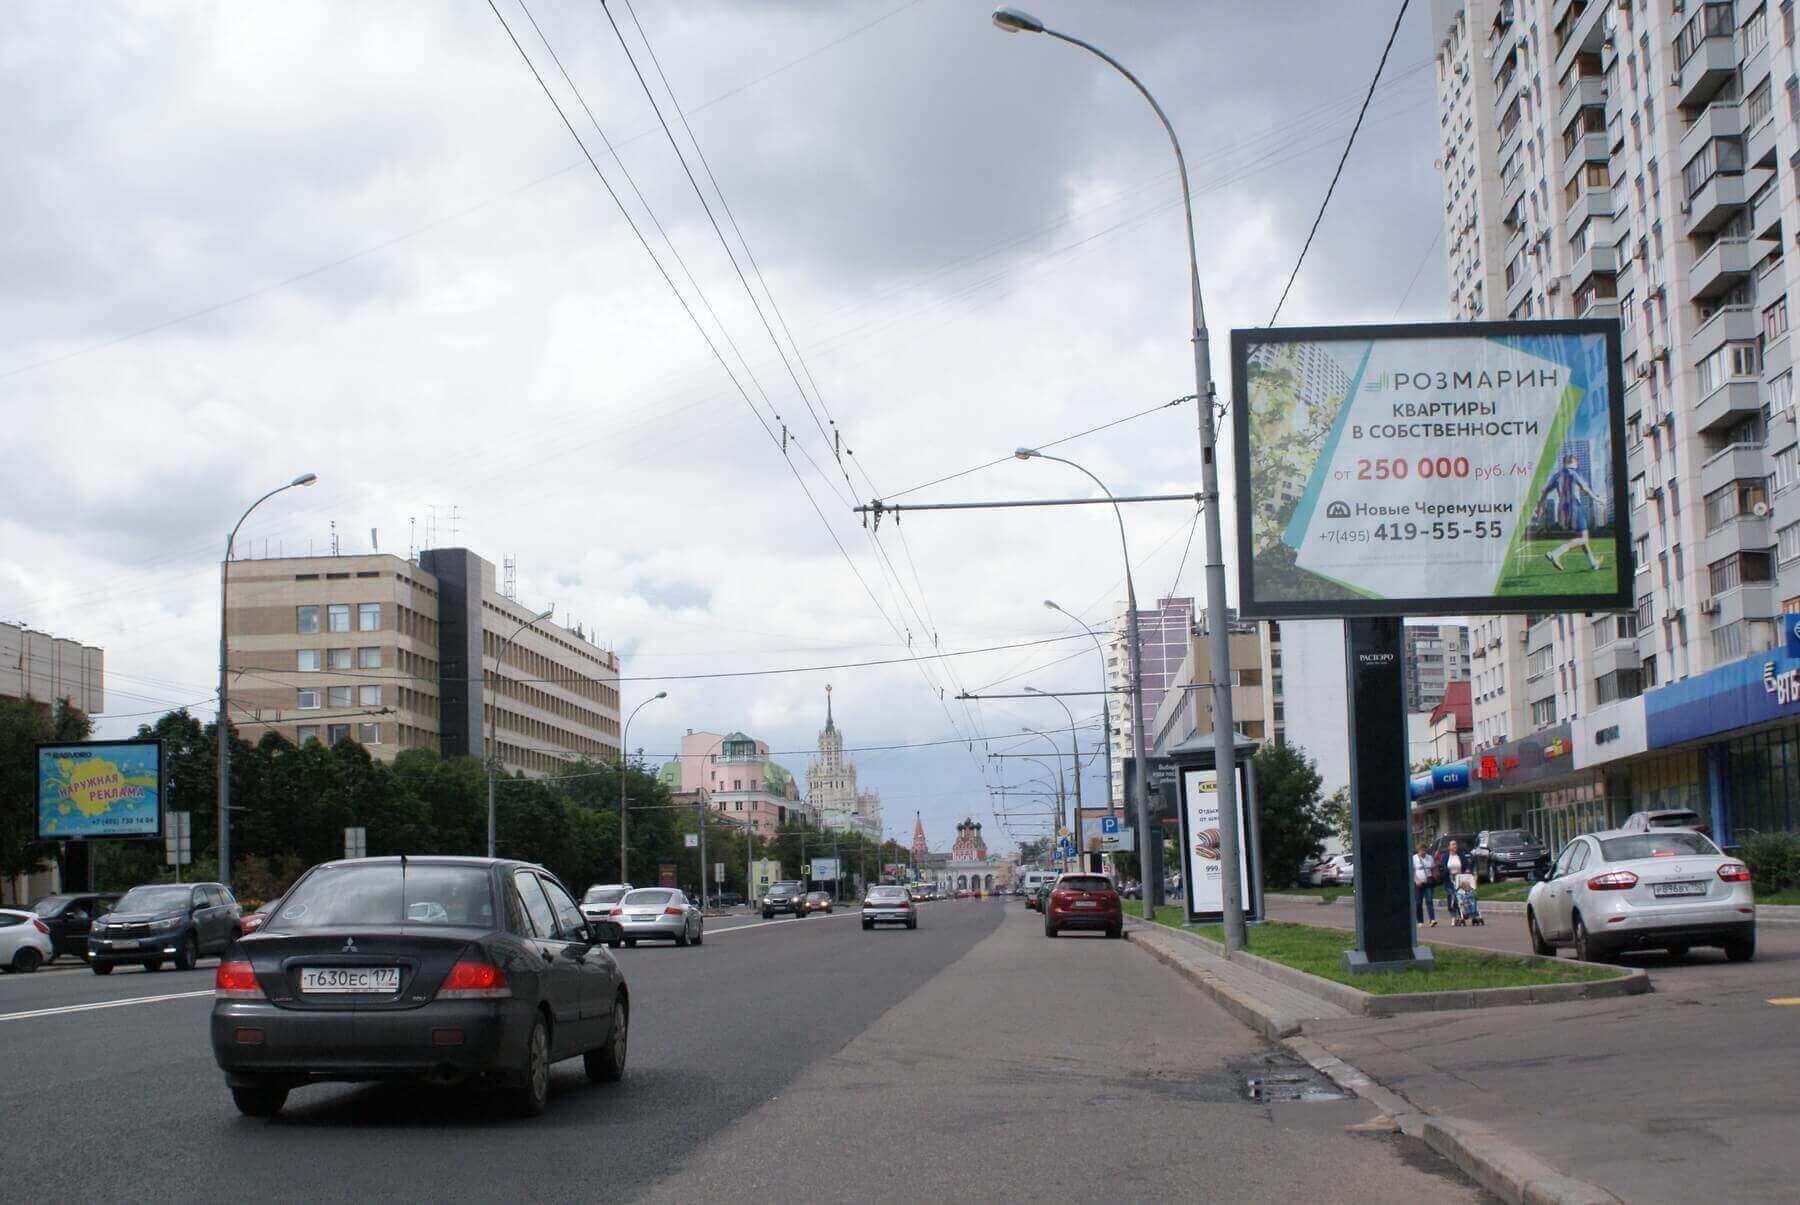 Размещение рекламы в Москве